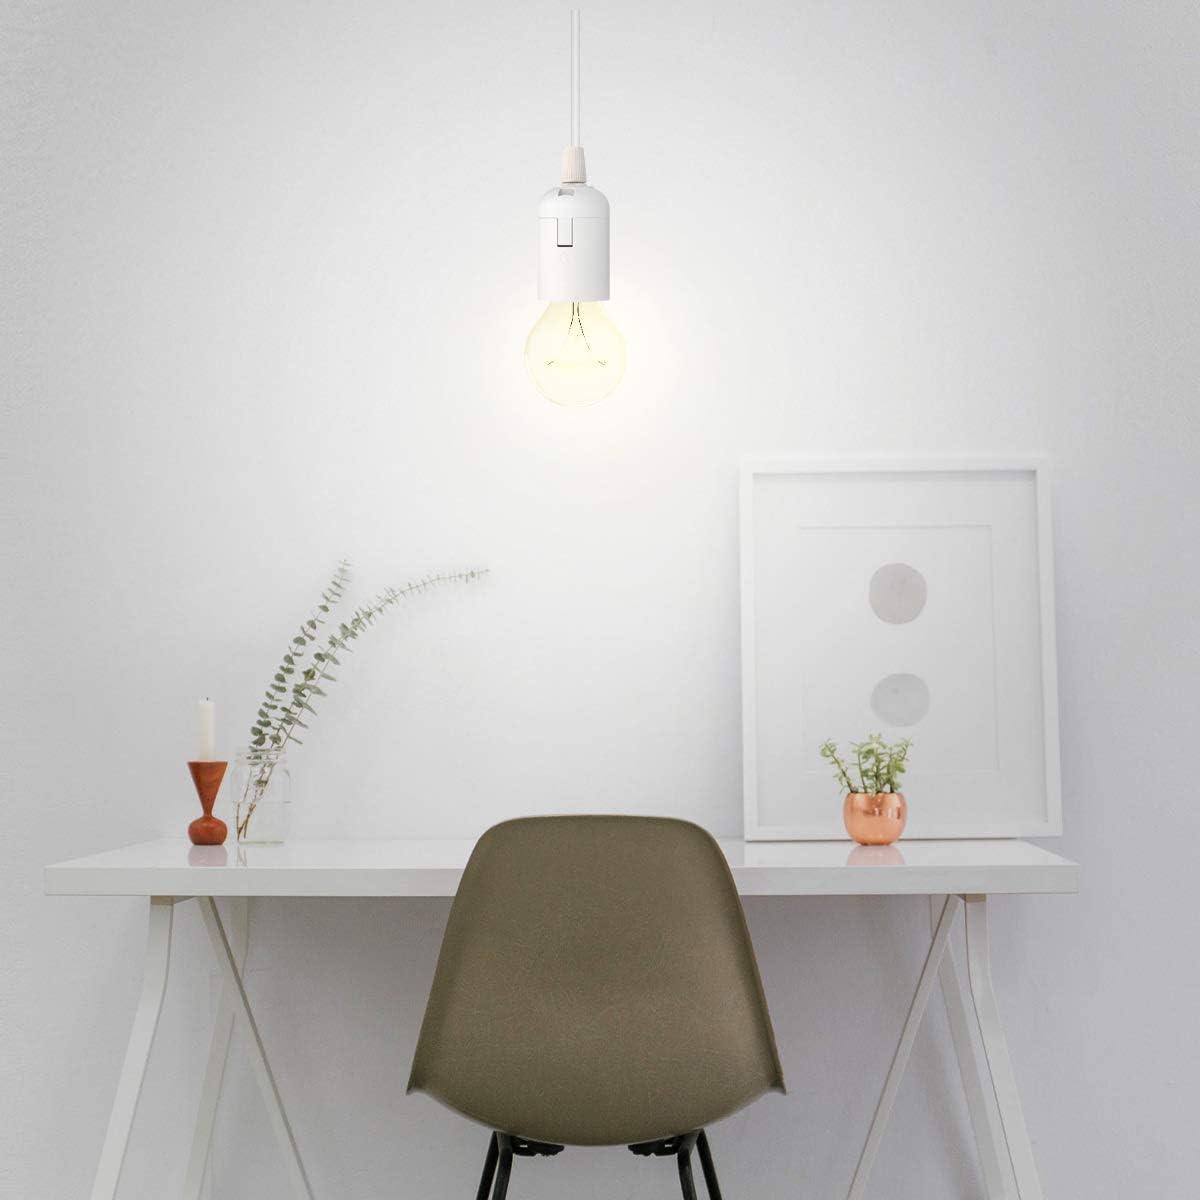 kwmobile Douille E14 avec fil C/âble 3,5m Support de lampe pour ampoule avec cordon alimentation prise /électrique et interrupteur